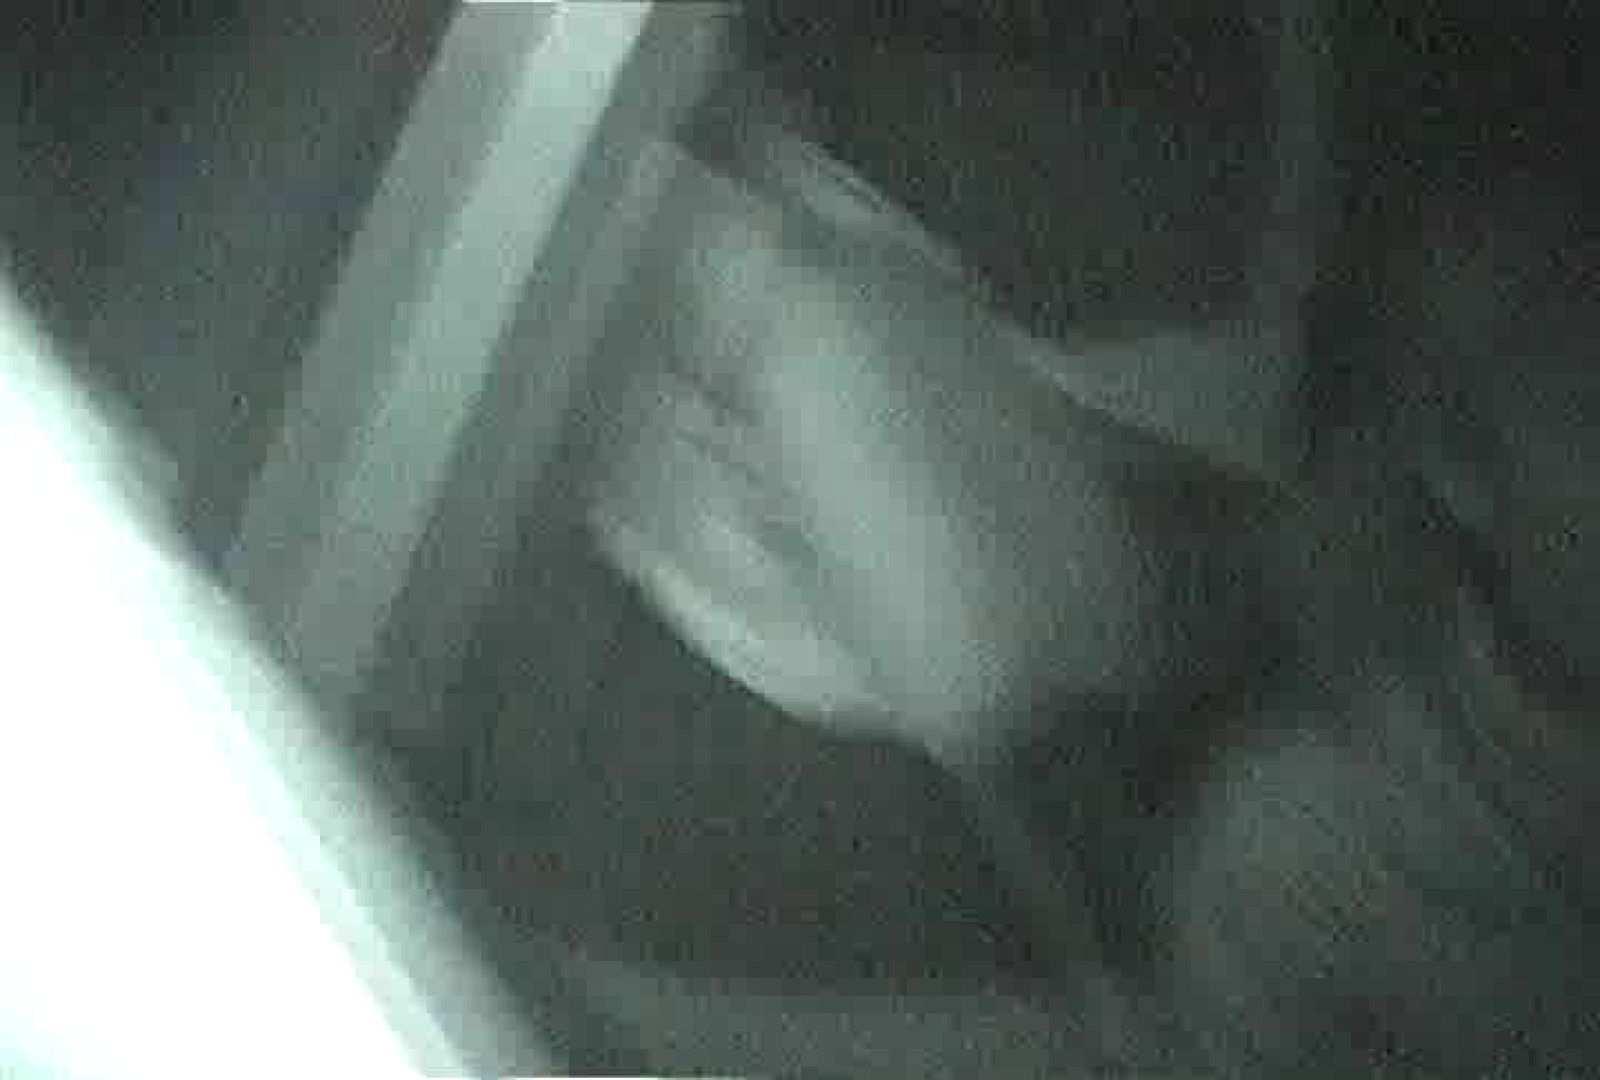 充血監督の深夜の運動会Vol.76 おまんこ無修正 オマンコ動画キャプチャ 84画像 31